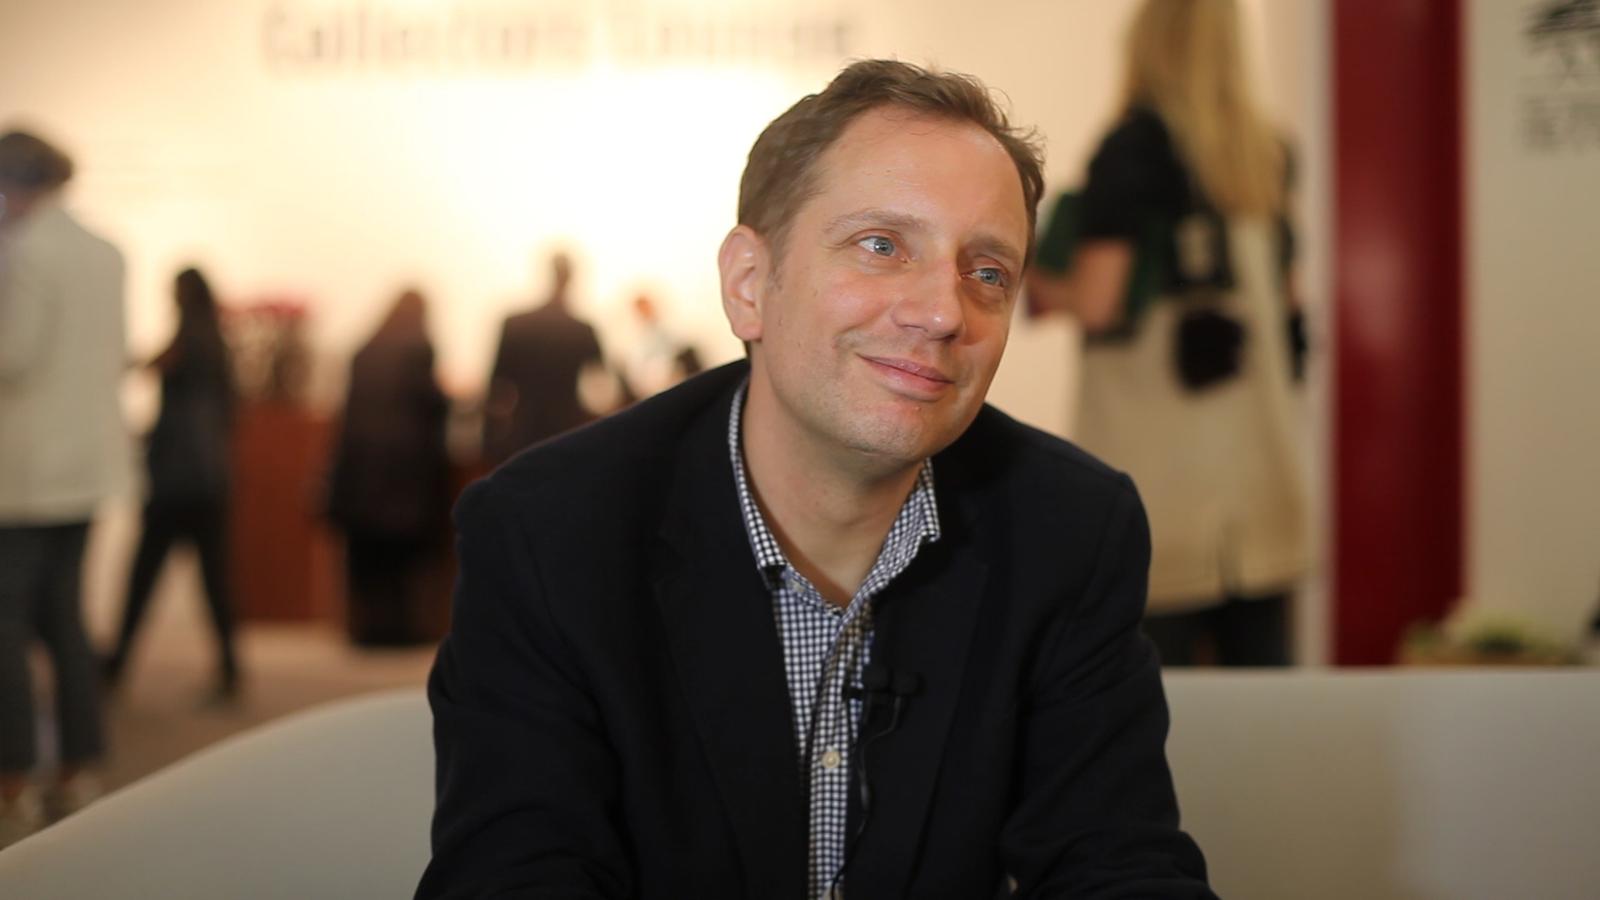 Jochen Volz